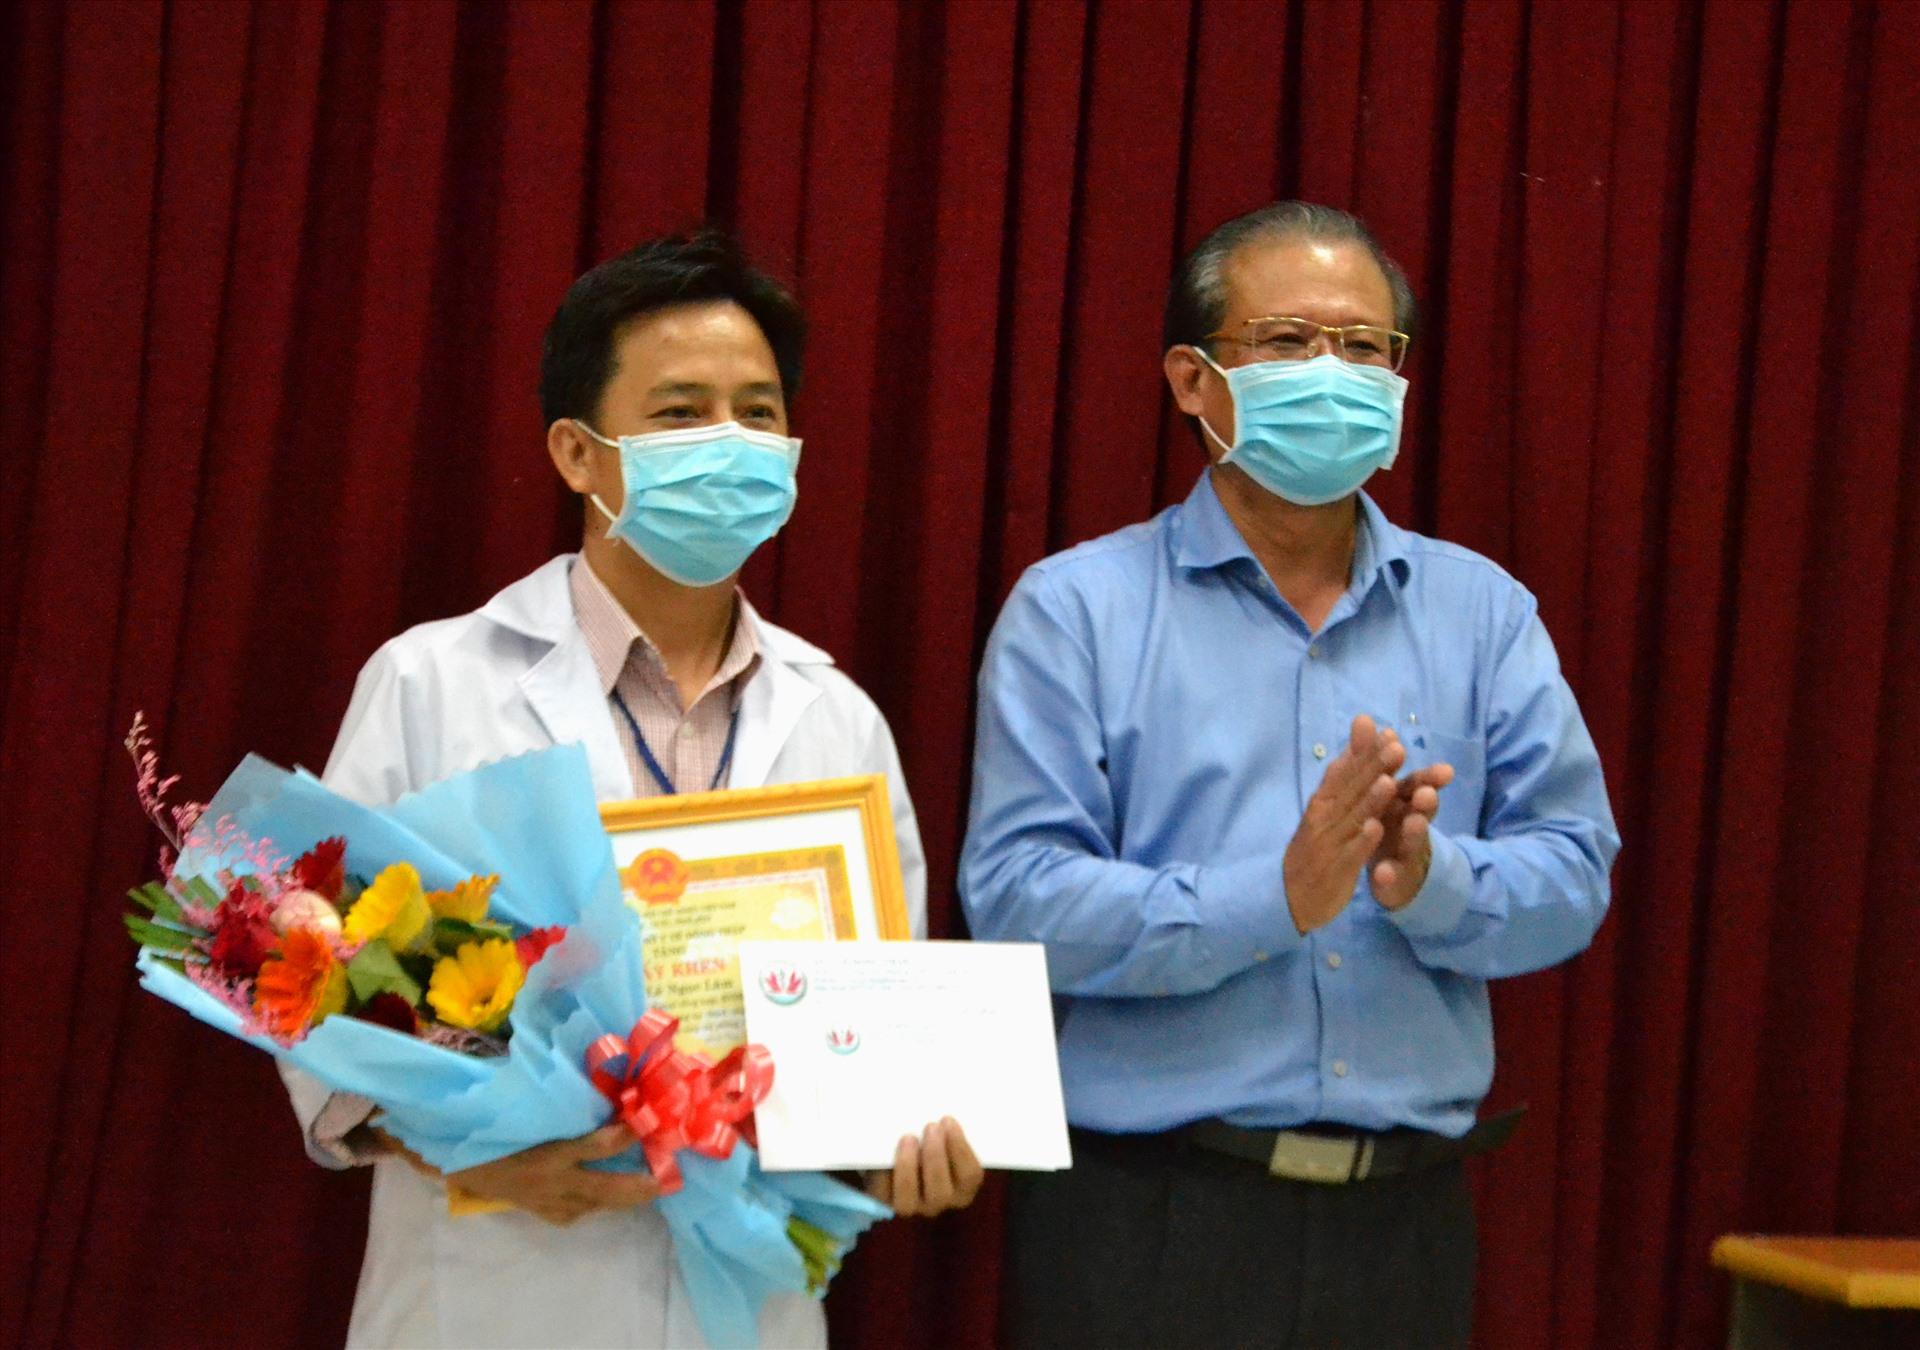 Bác sĩ Nguyễn Lâm Thái Thuận trao khen thưởng cho bác sĩ Lê Ngọc Lâm. Ảnh: LT